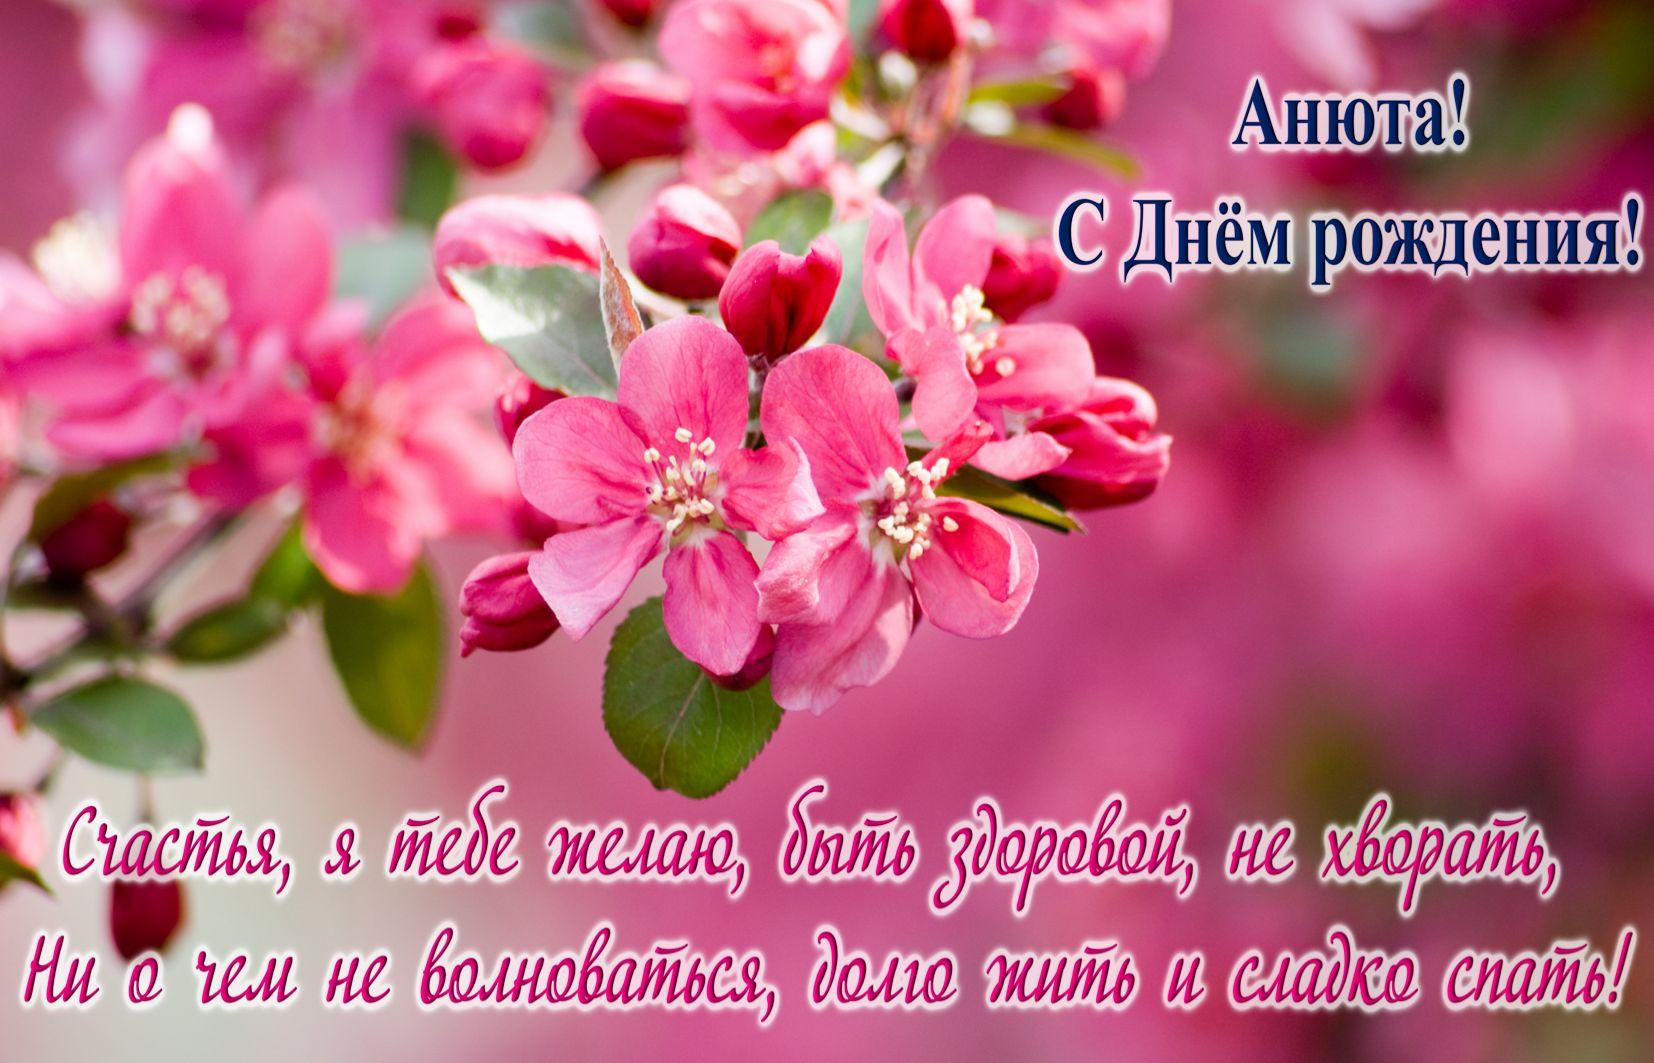 С днем рождения Анна, Аня, Аннушка, Анюта 80